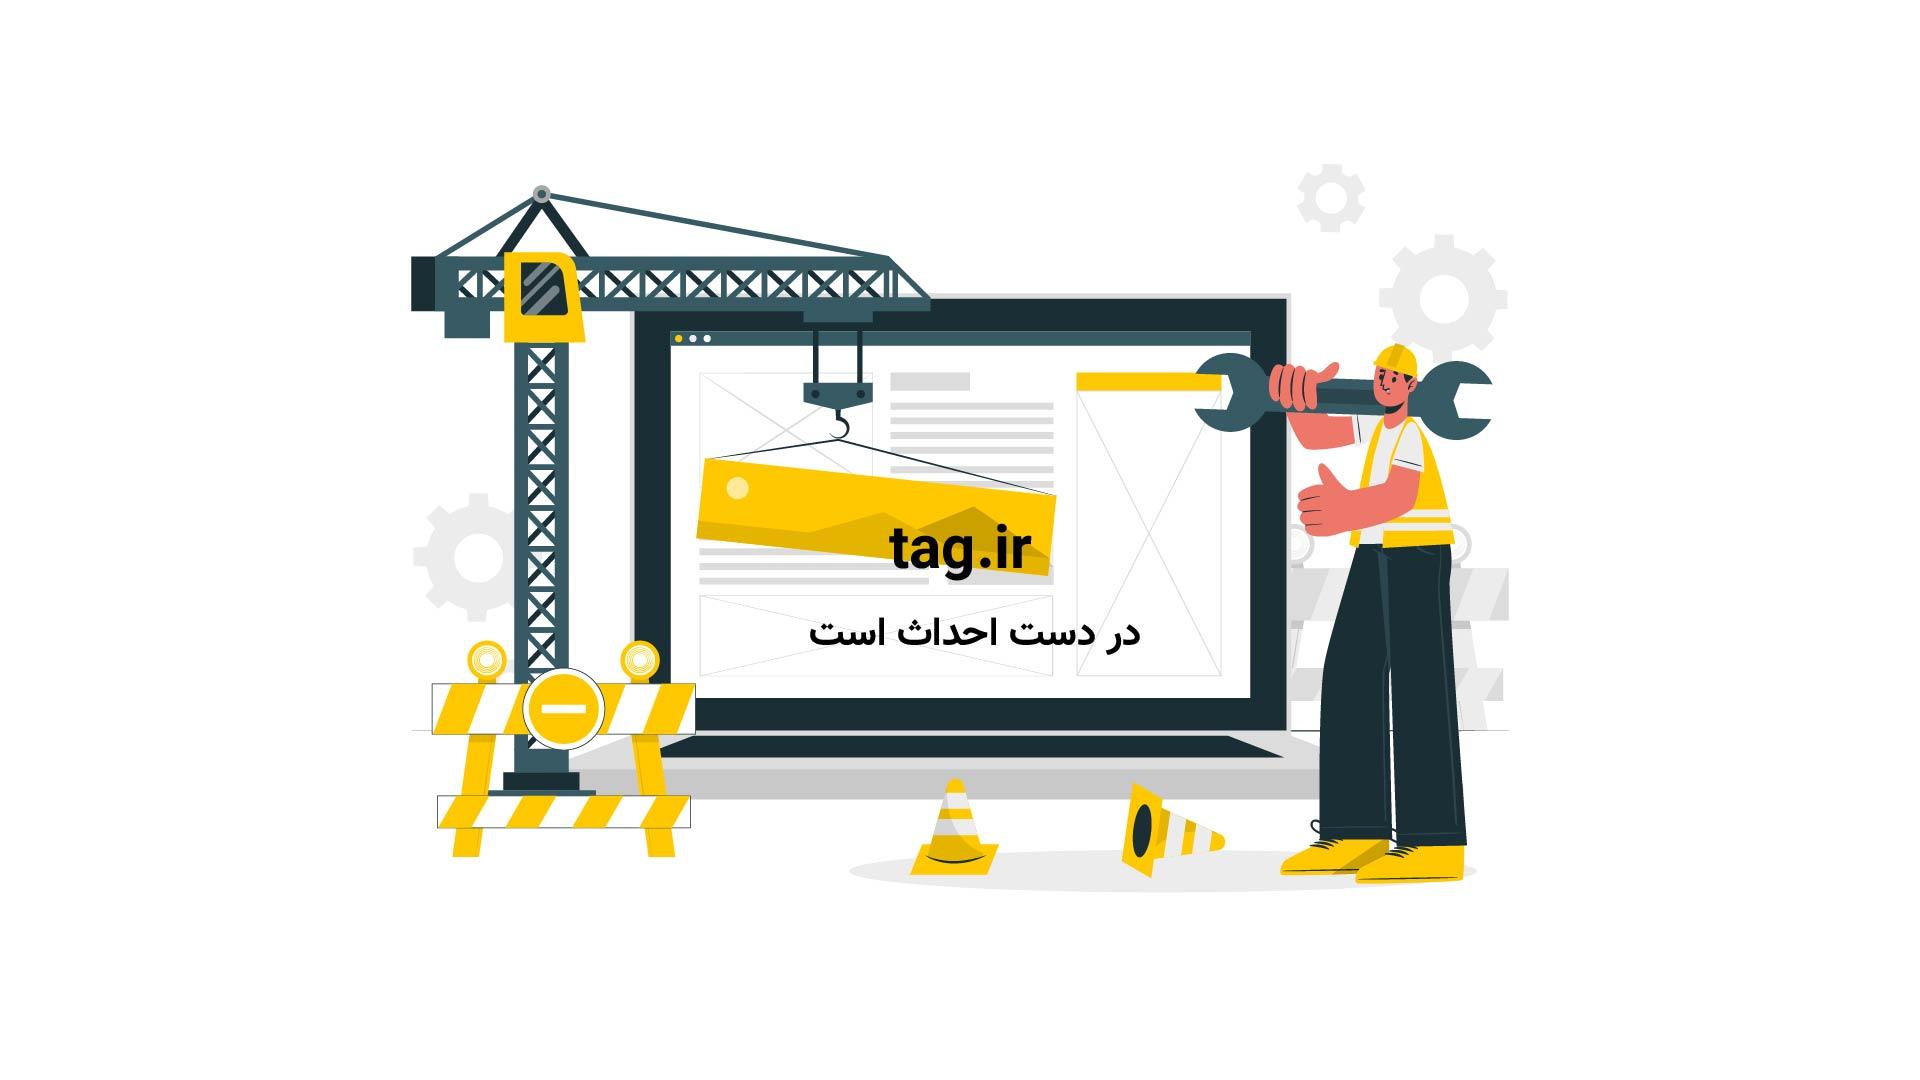 نیمار-برزیل | تگ